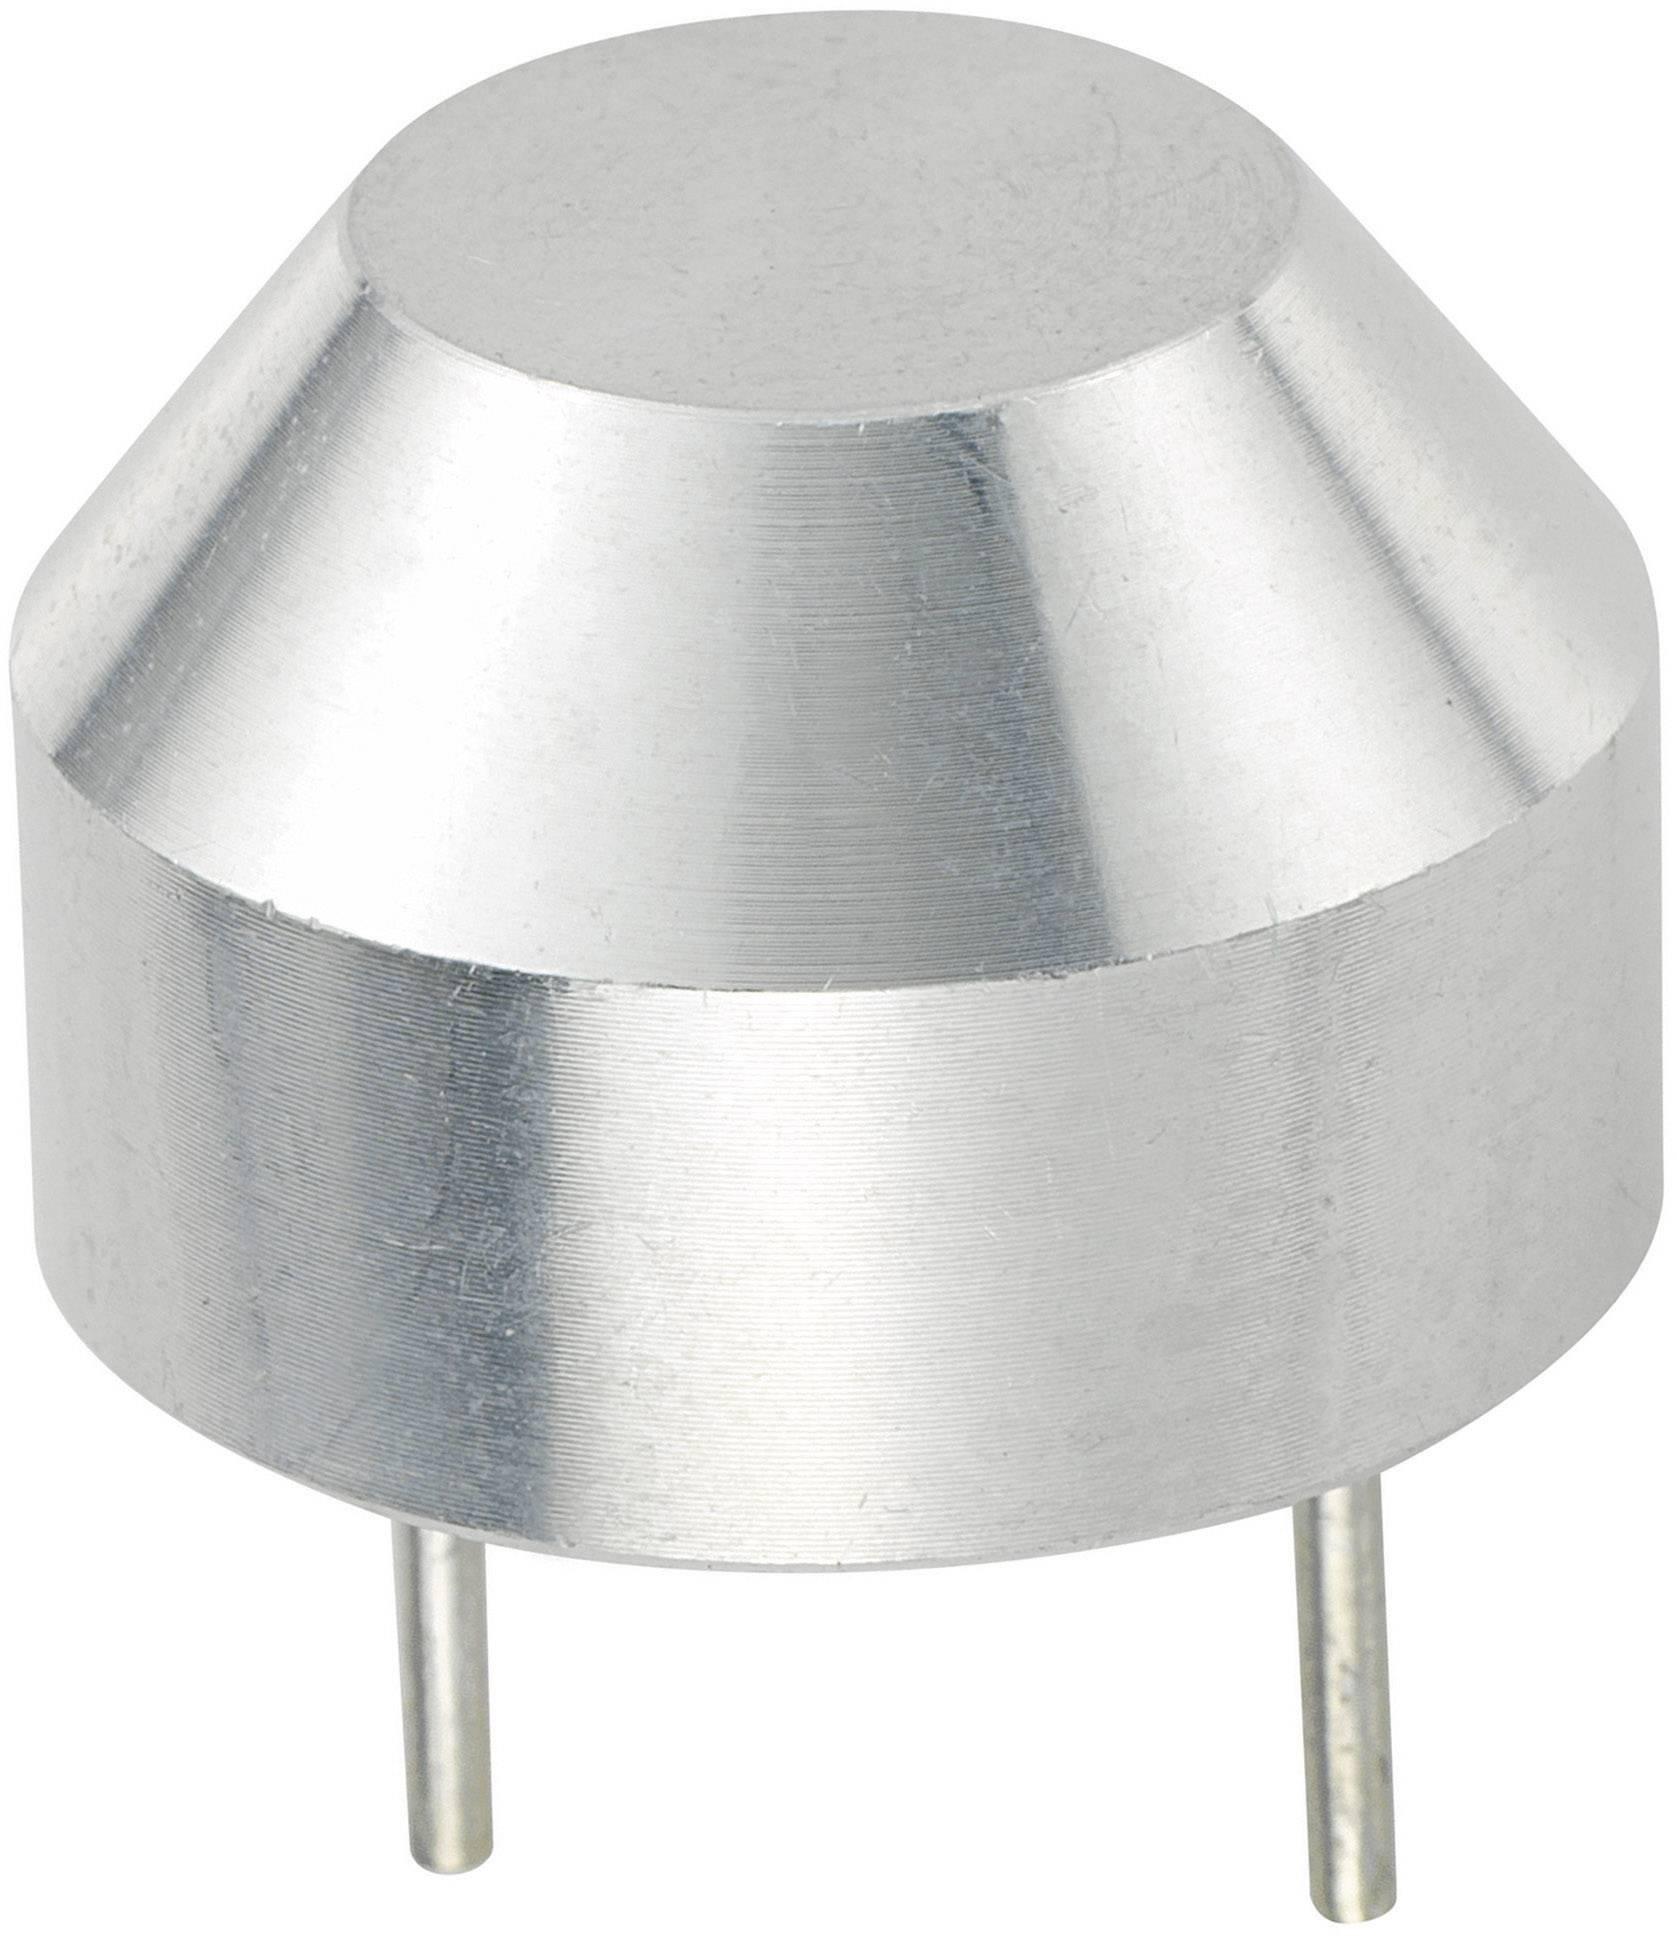 Ultrazvukový vysielač 40 kHz KPUS-40FS-18T-447, (Ø x v) 18 mm x 12 mm, rozsah 0,2 - 3 m